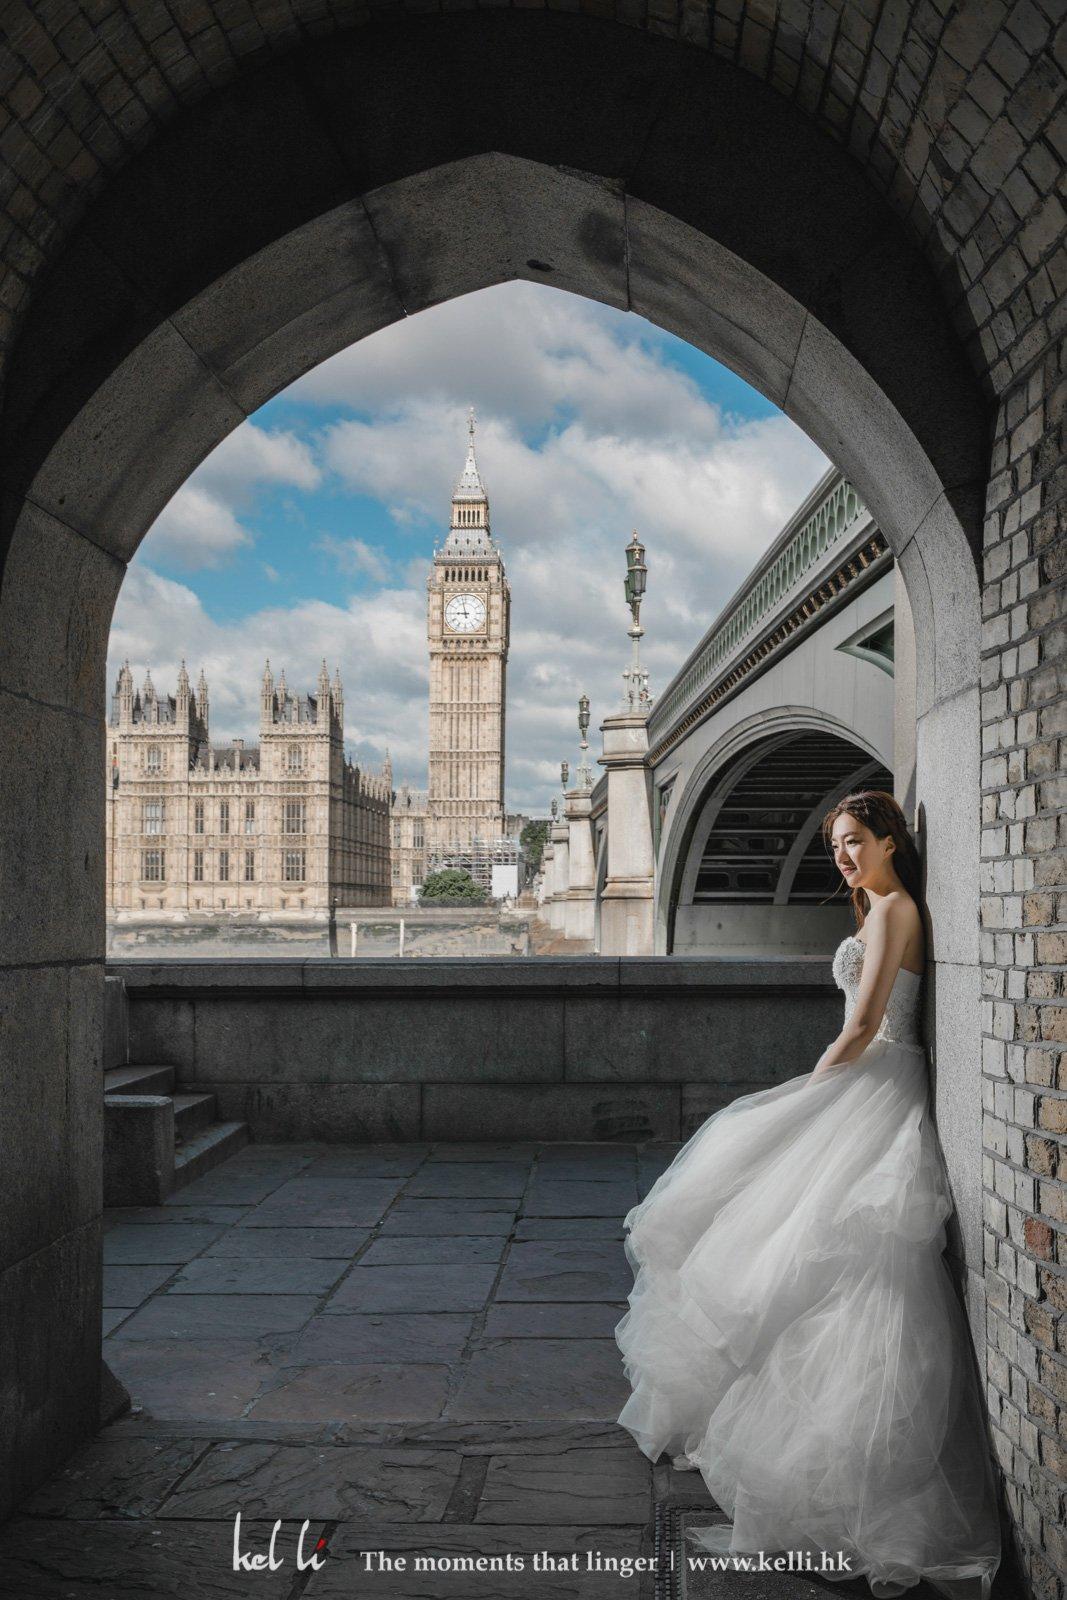 倫敦地標-大笨鐘 Big Ben